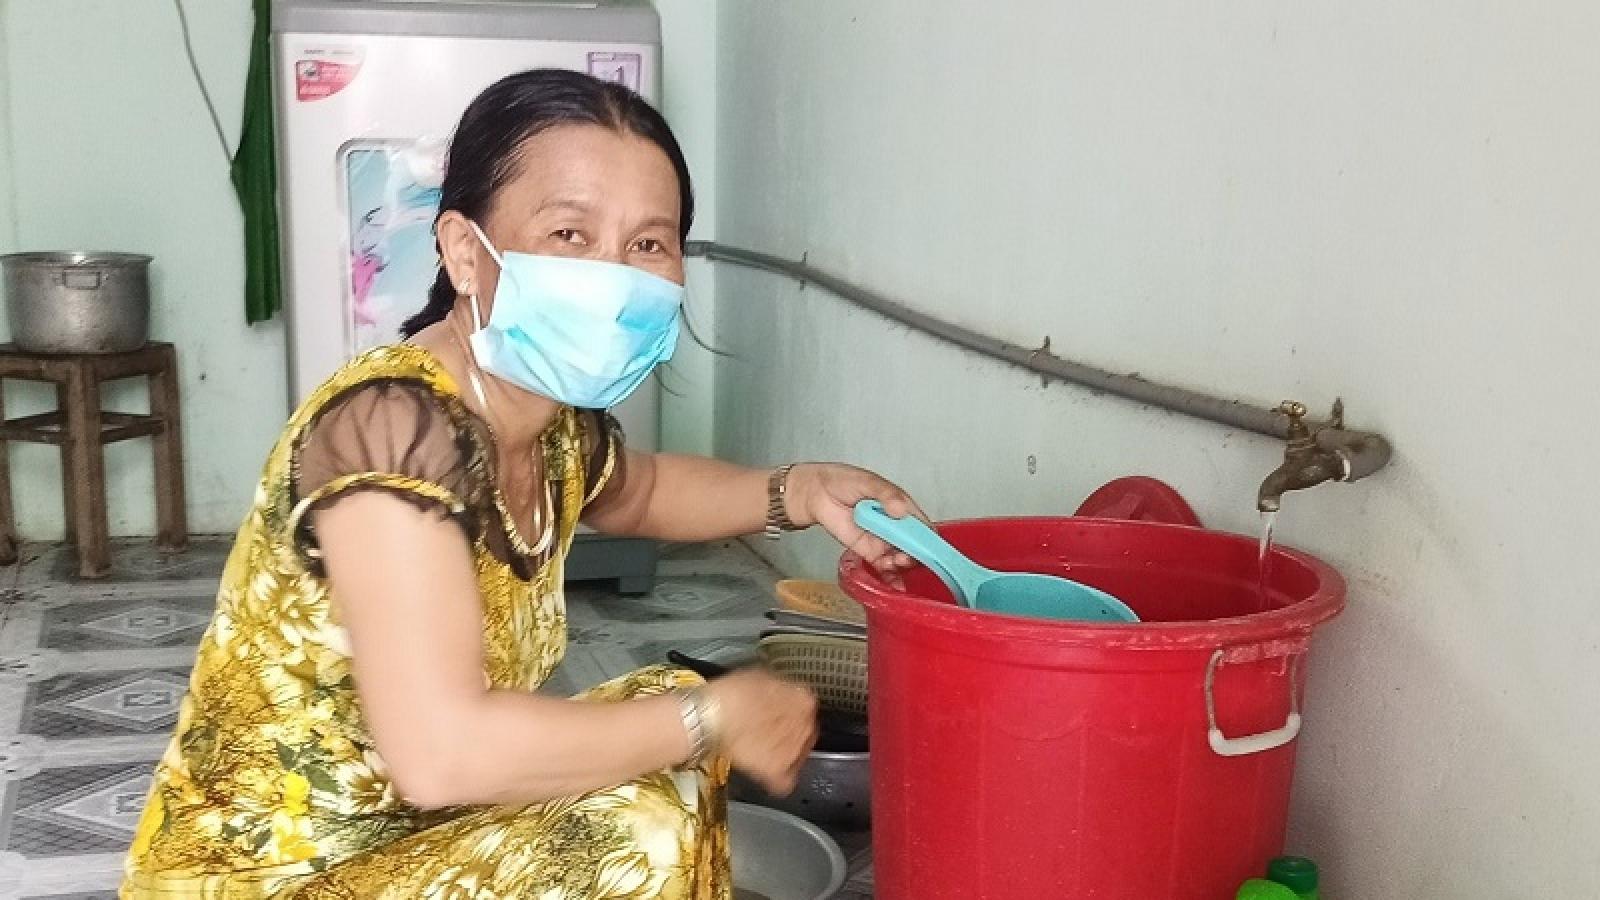 Người dân xã nông thôn mới ở Bình Thuận mòn mỏi chờ nước sạch